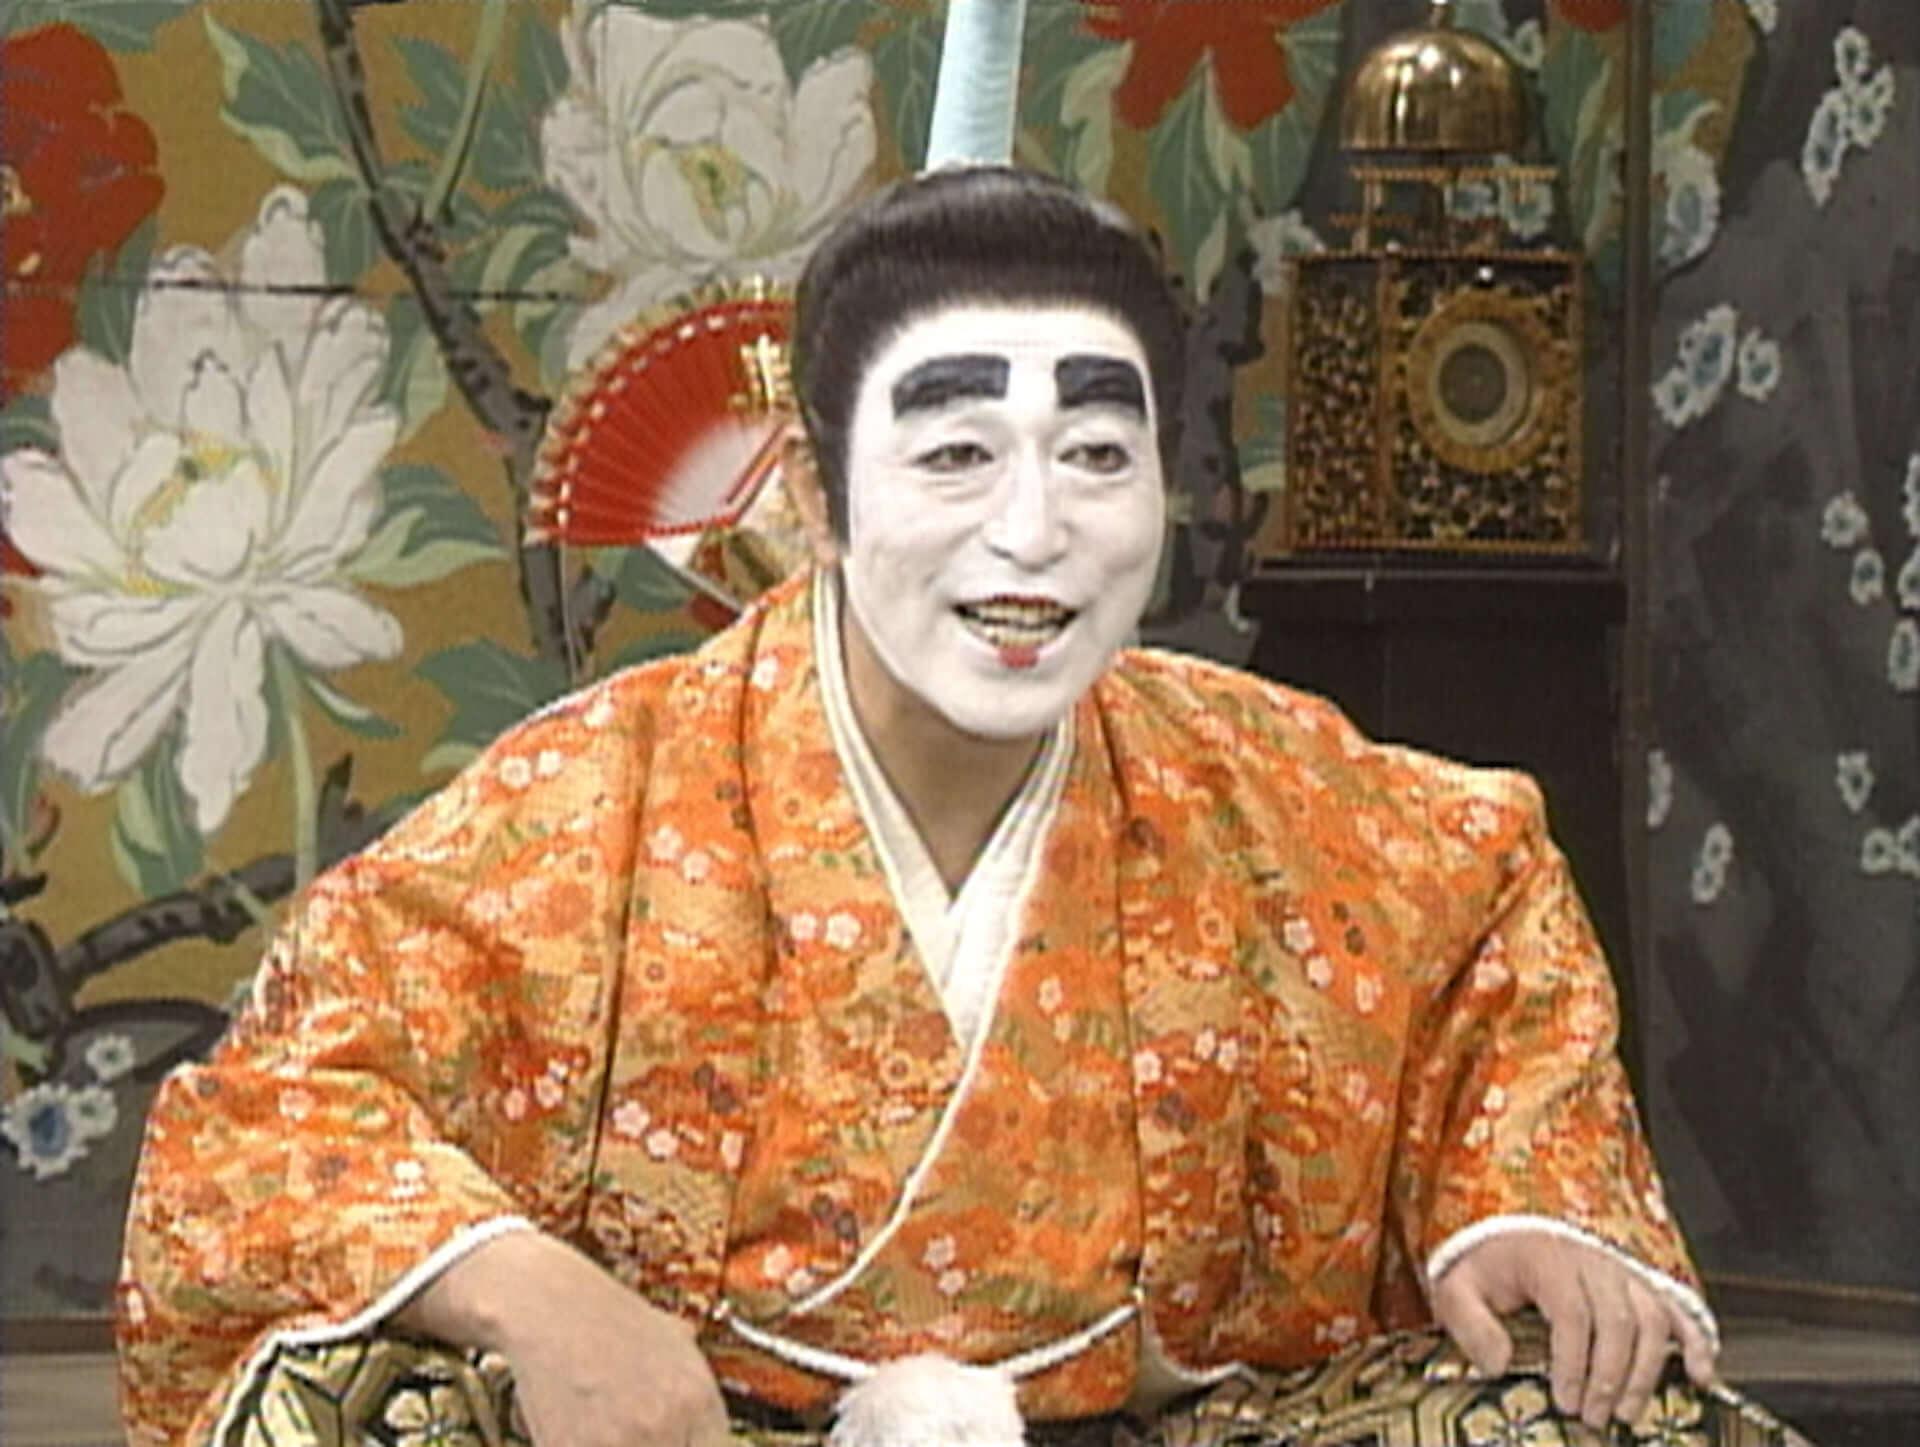 志村けん出演の『ドリフ大爆笑』『志村けんのバカ殿様』ほか名作コントが8時間にわたり一挙放送決定! art200424_shimuraken_2-1920x1447